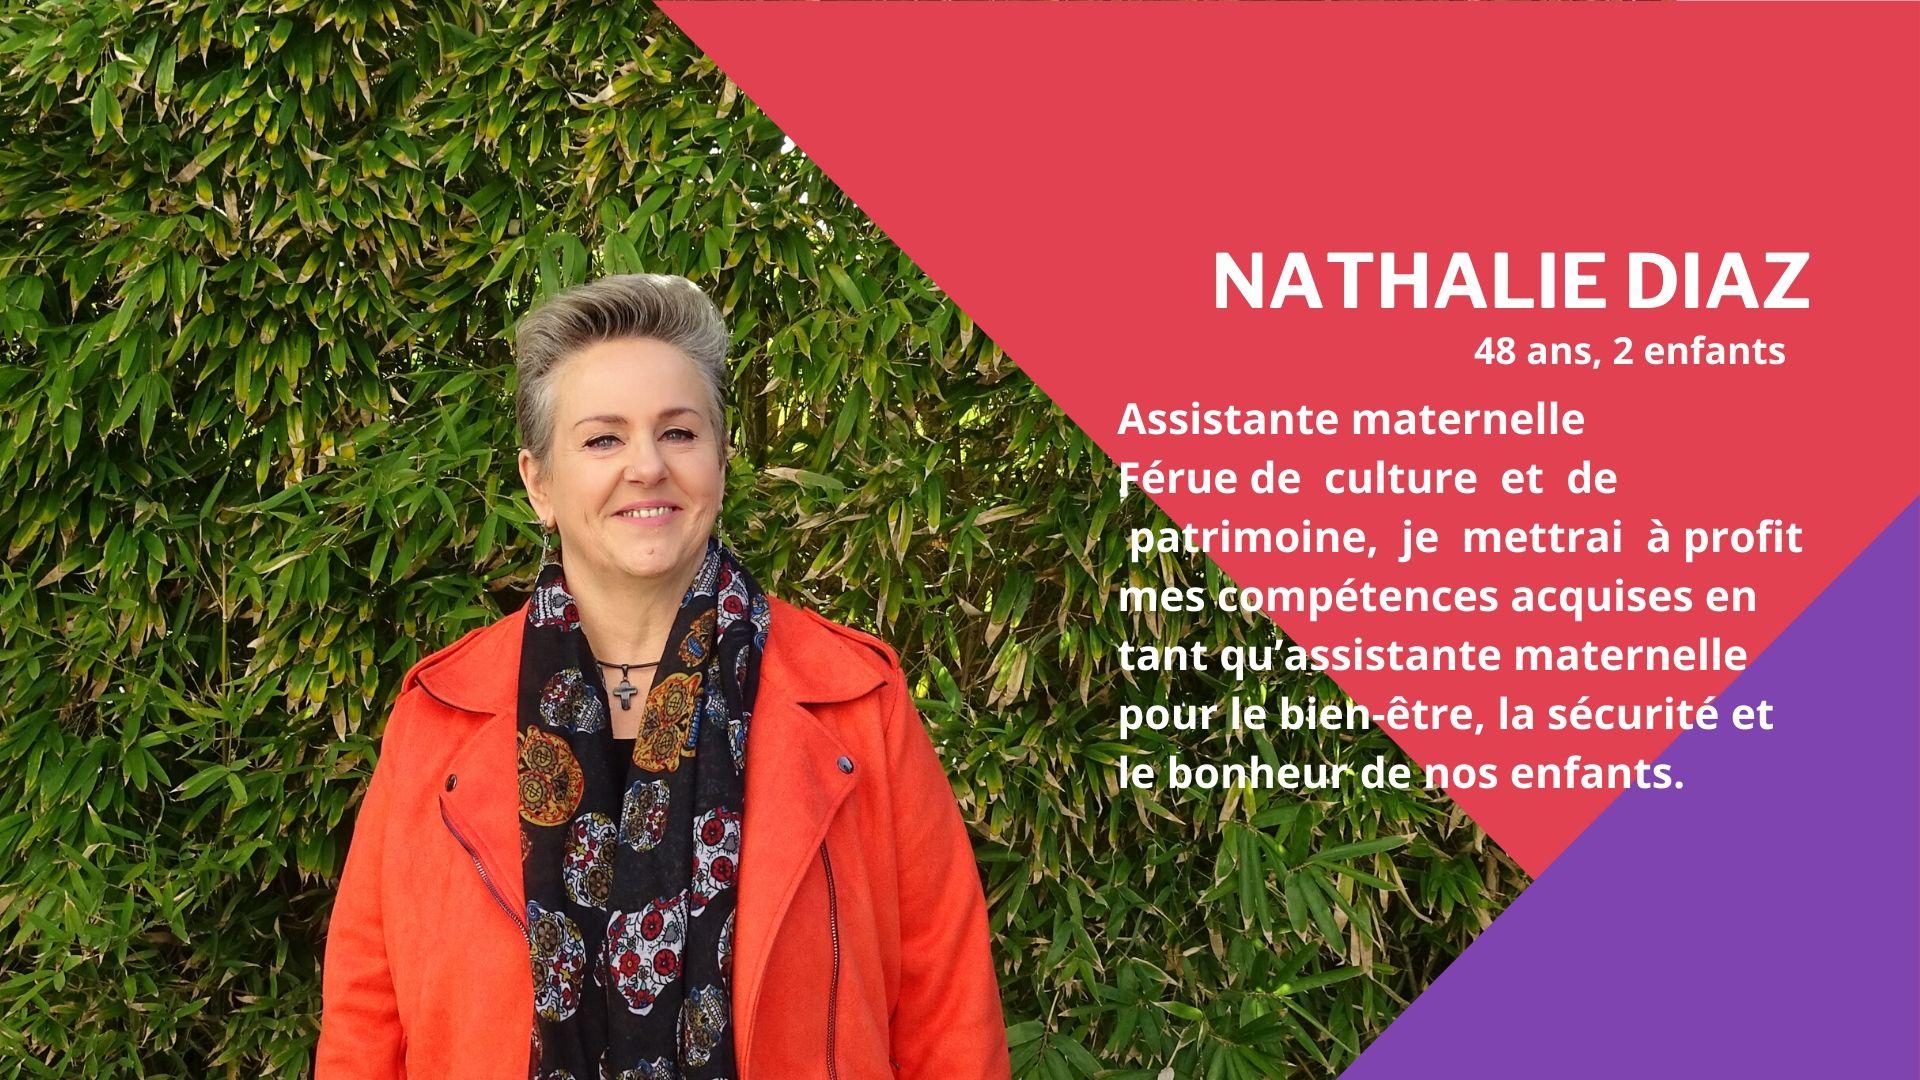 Le Revivre - Nathalie Diaz